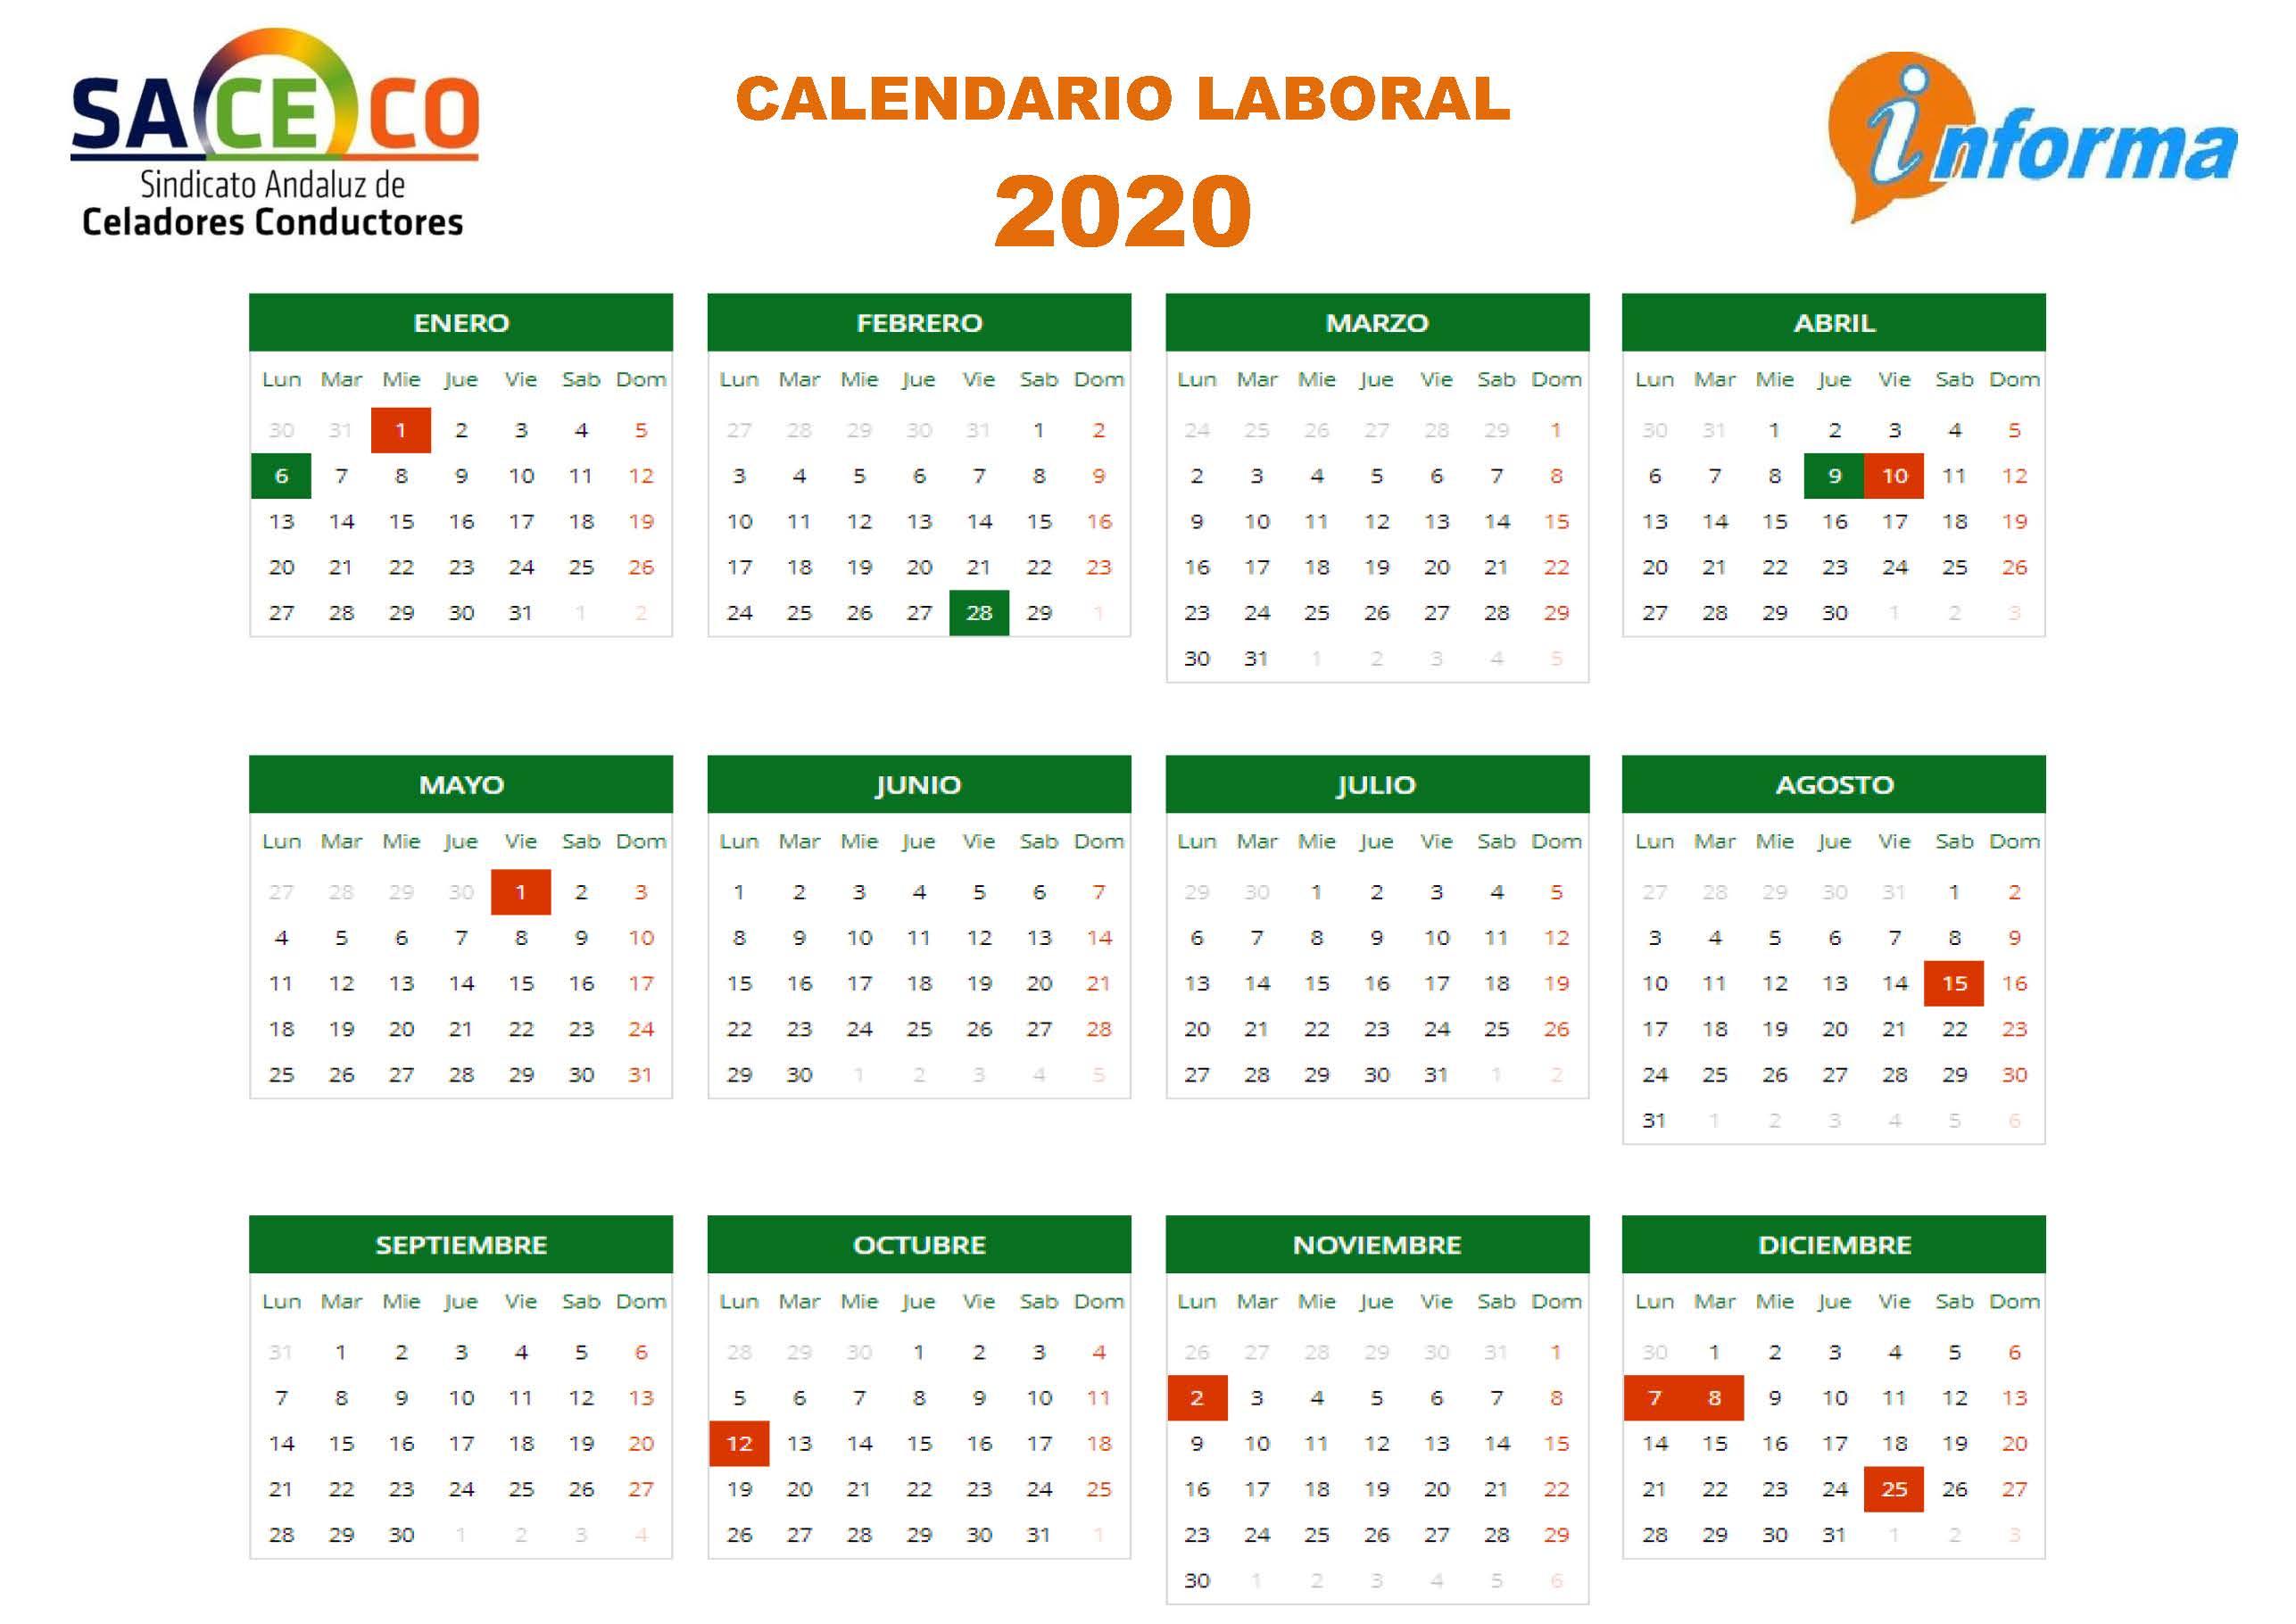 CALENDARIO LABORAL 2020_Página_1